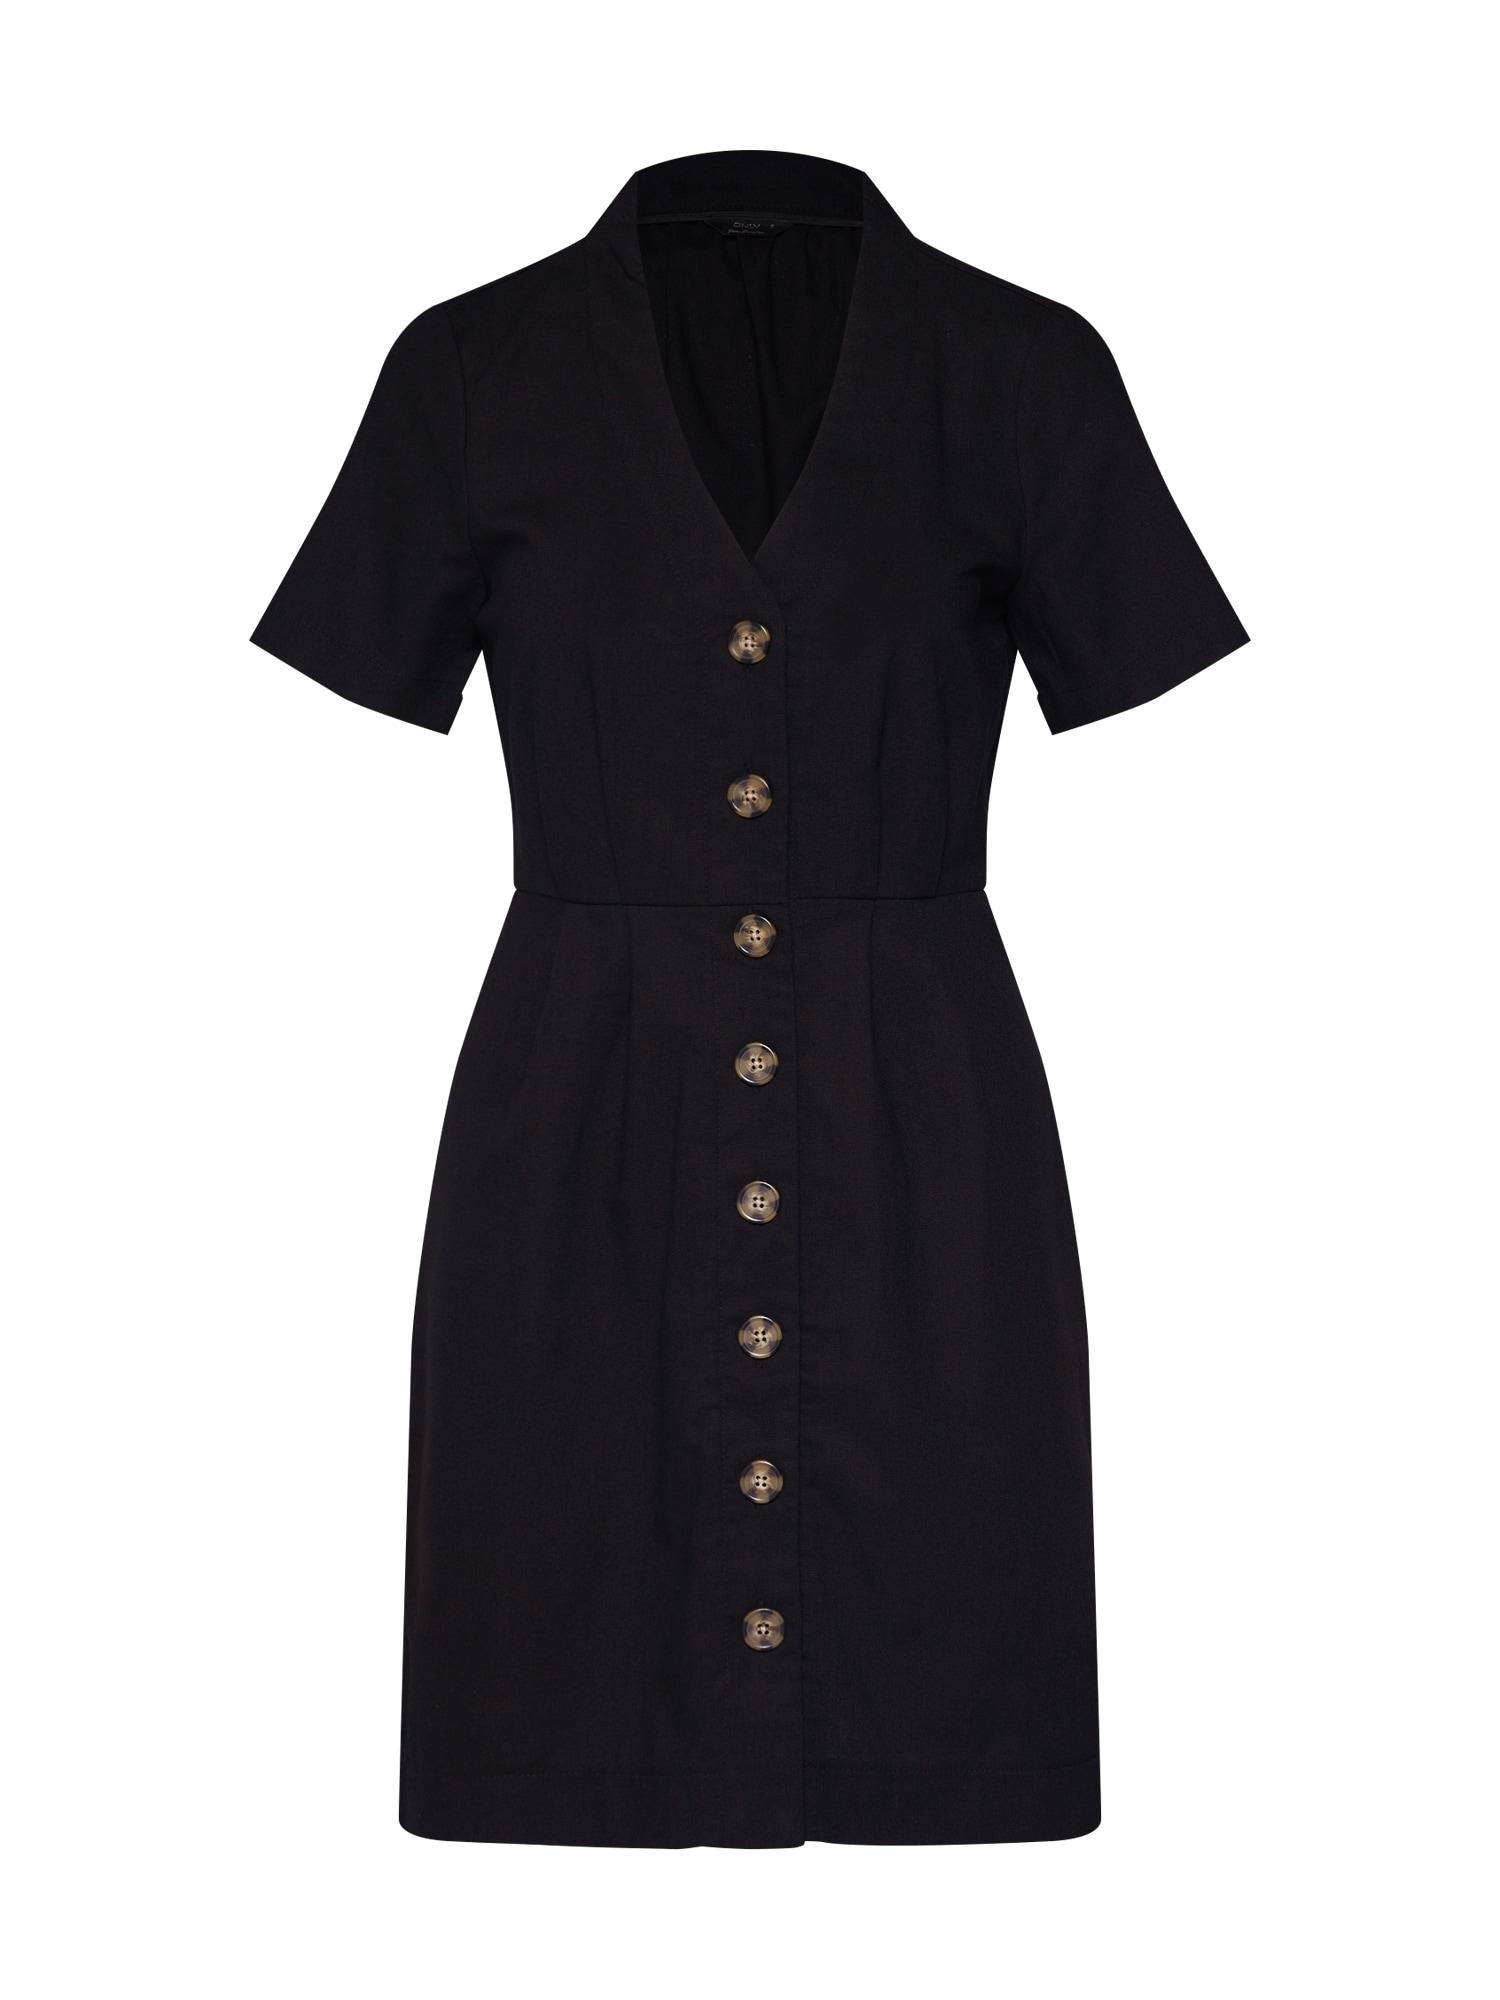 Šaty Onibibs černá ONLY